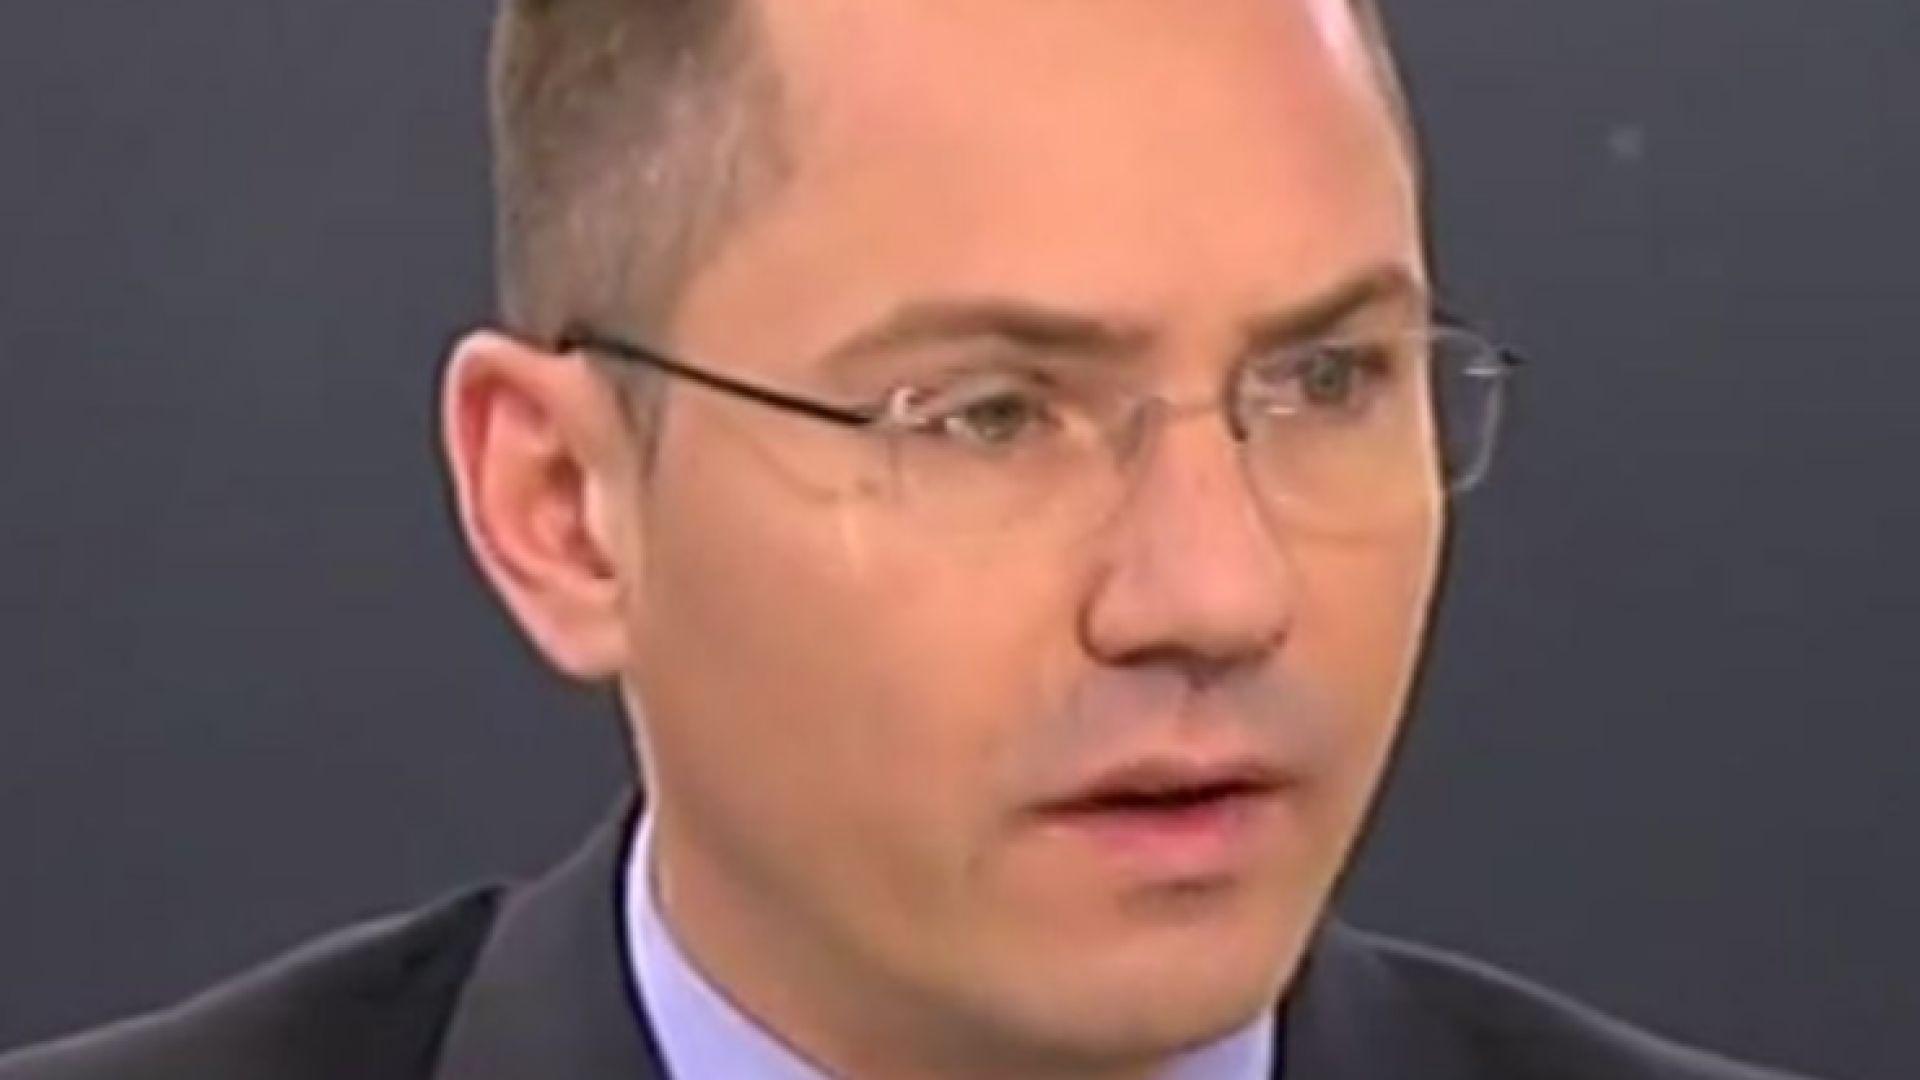 Джамбазки за Сирия: Няма доказателства, че Асад е сатрап